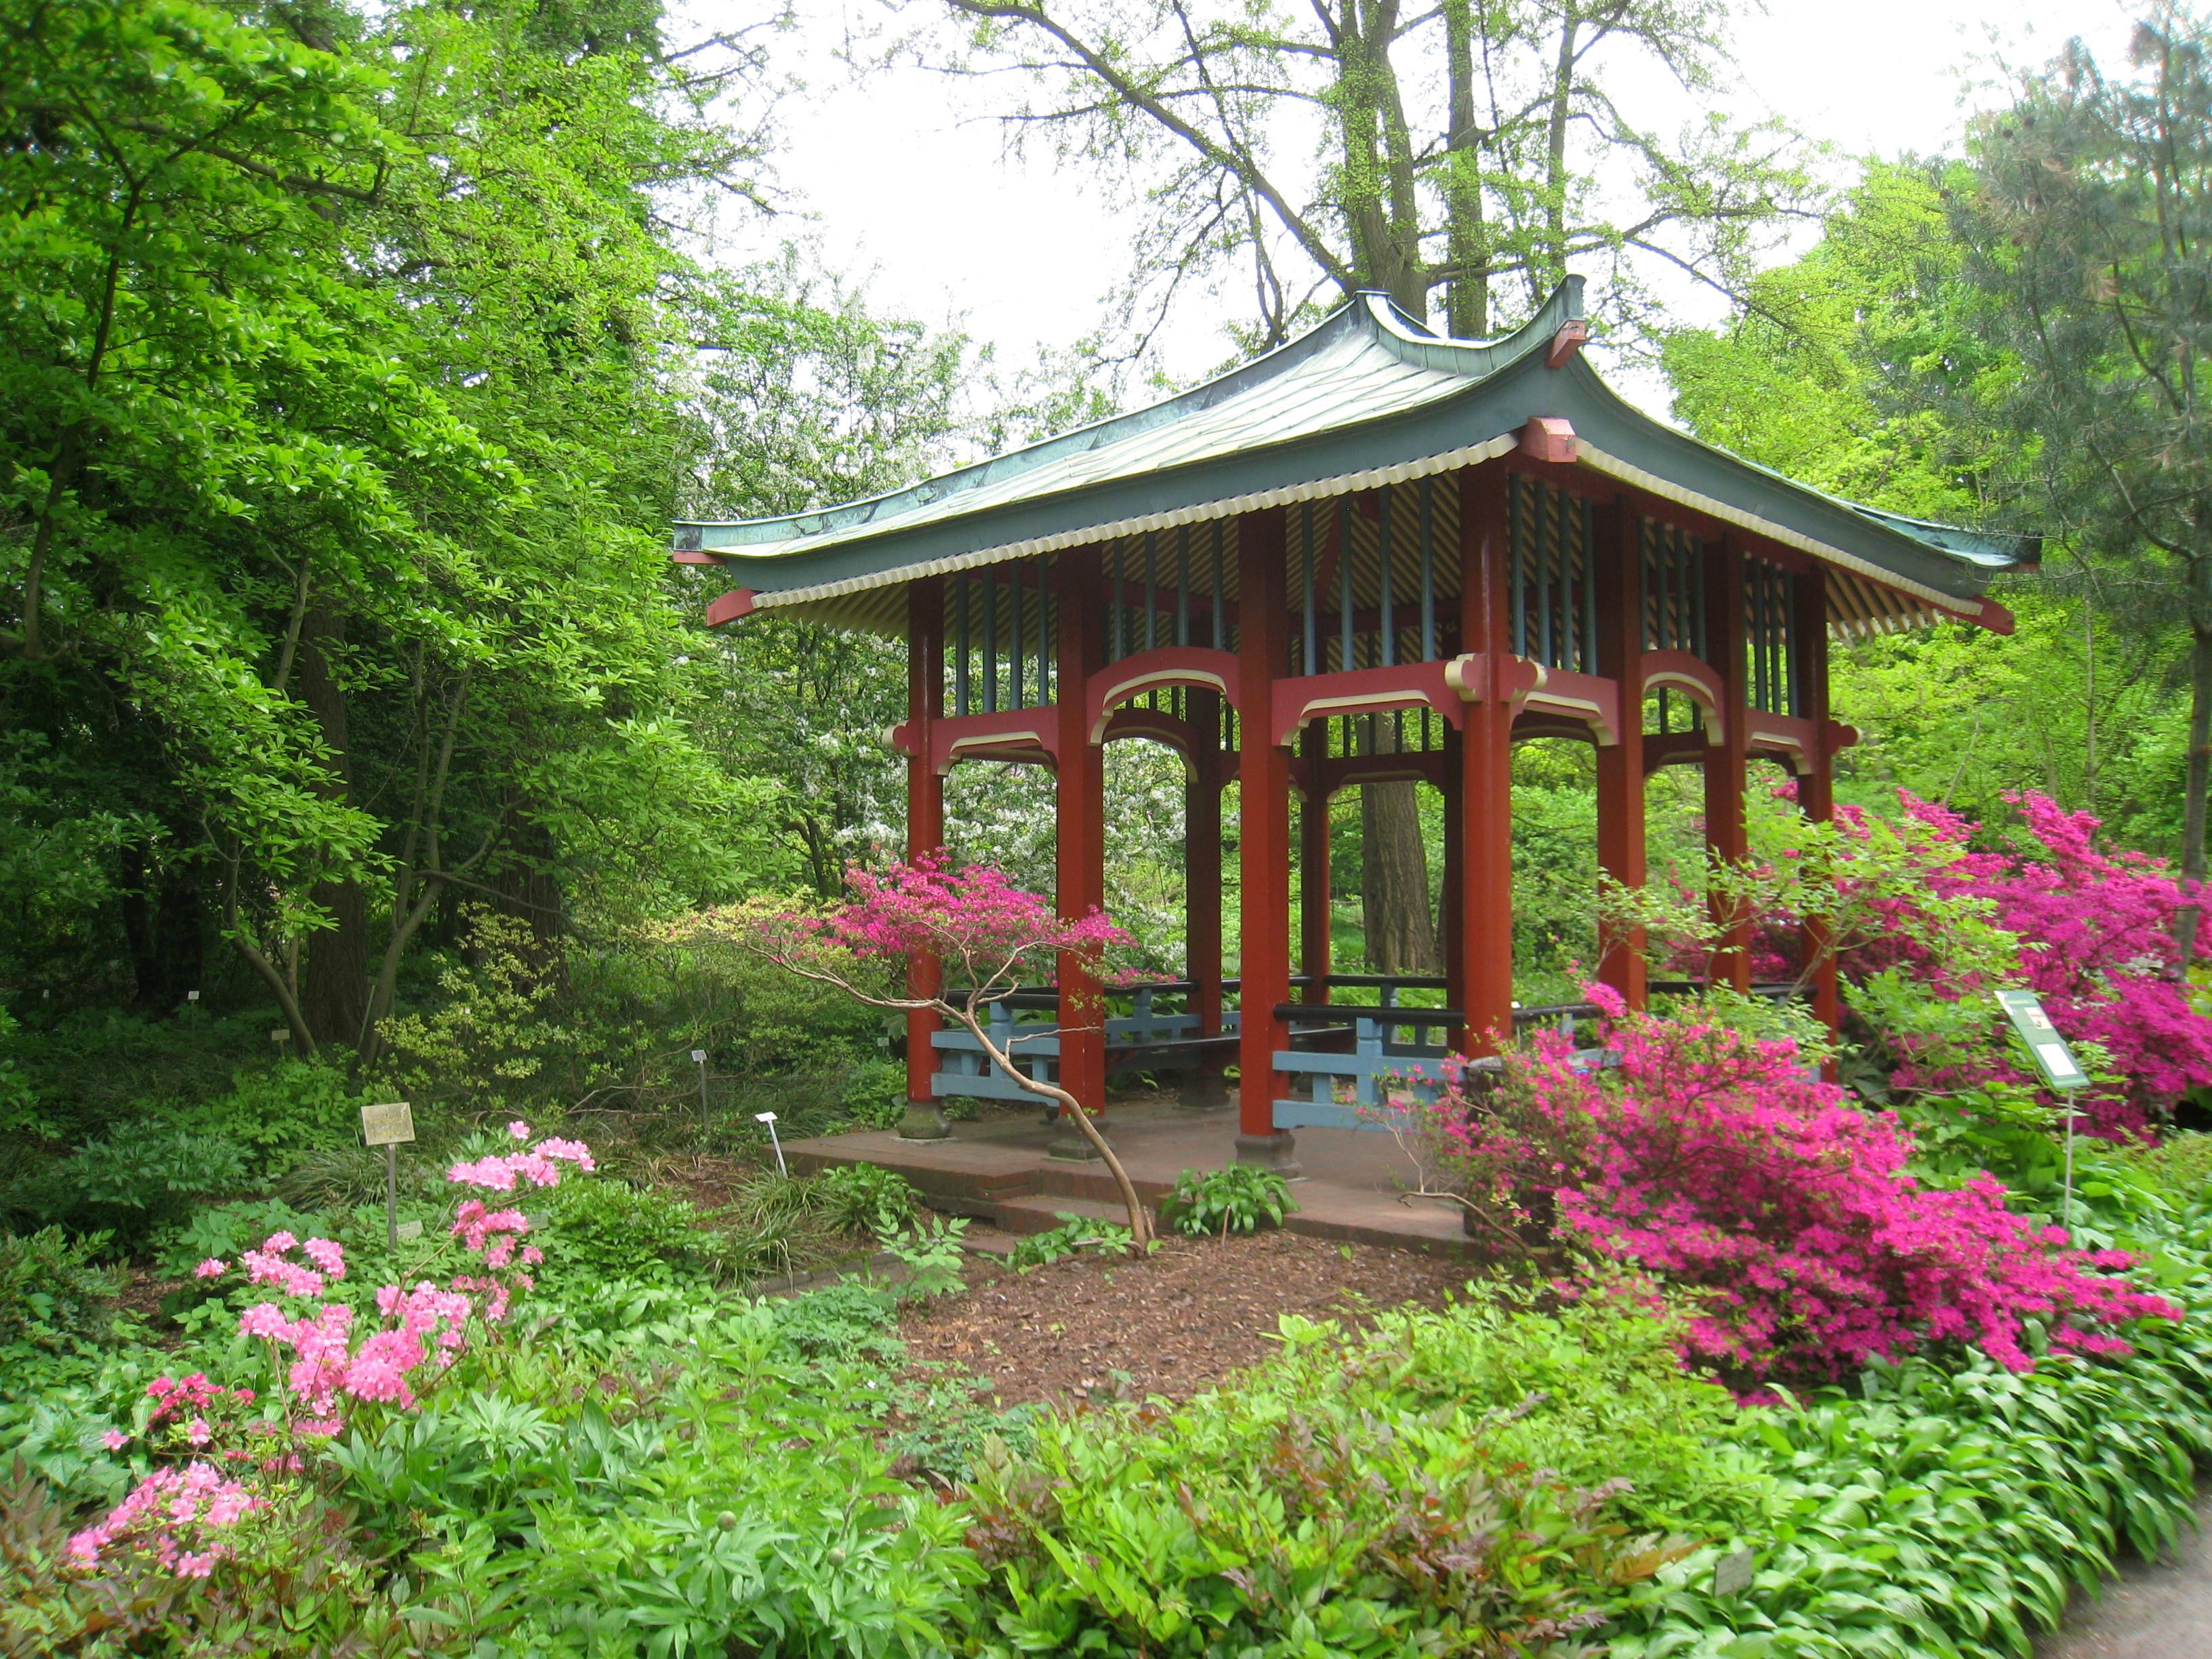 Garten Berlin  File Botanischer Garten Berlin Dahlem view IMG 8650